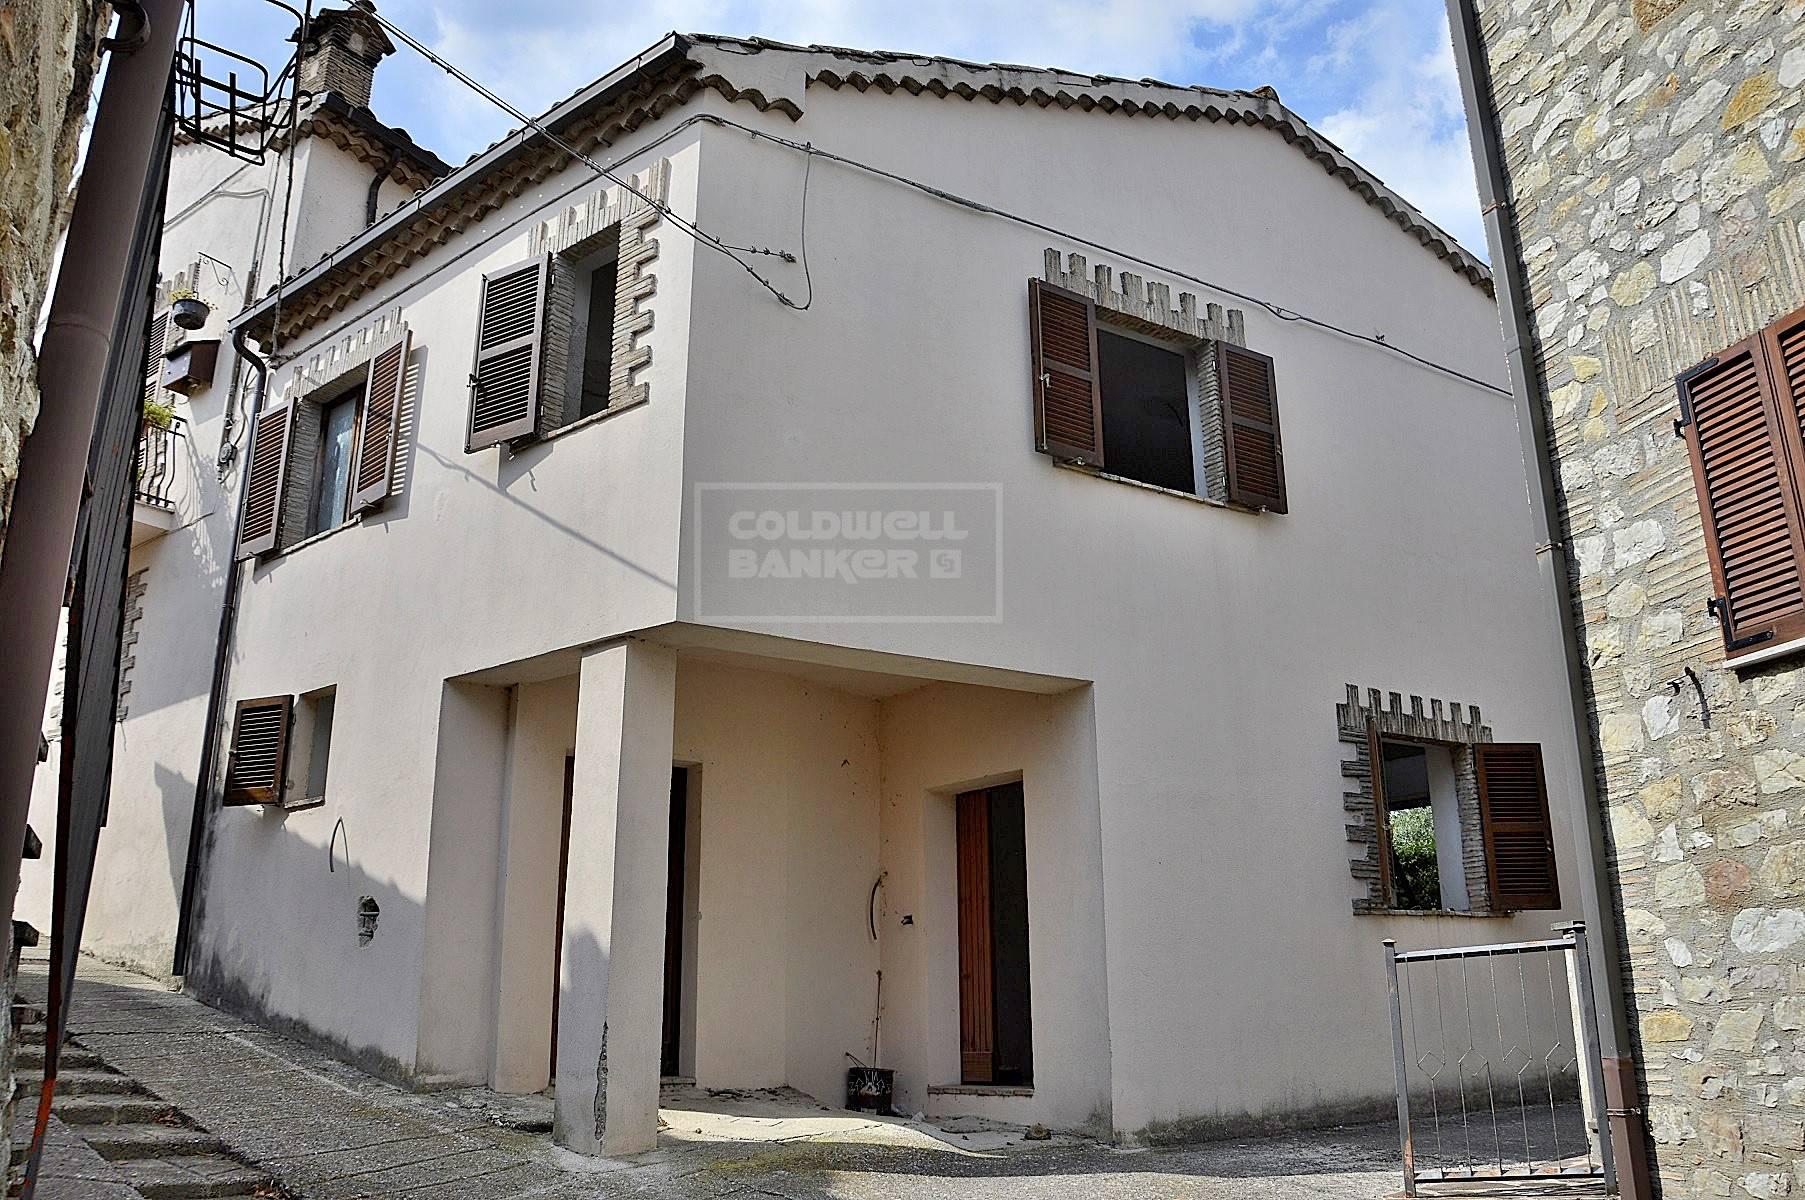 Soluzione Semindipendente in vendita a Ferentillo, 5 locali, zona Zona: Macchialunga, prezzo € 27.000 | CambioCasa.it